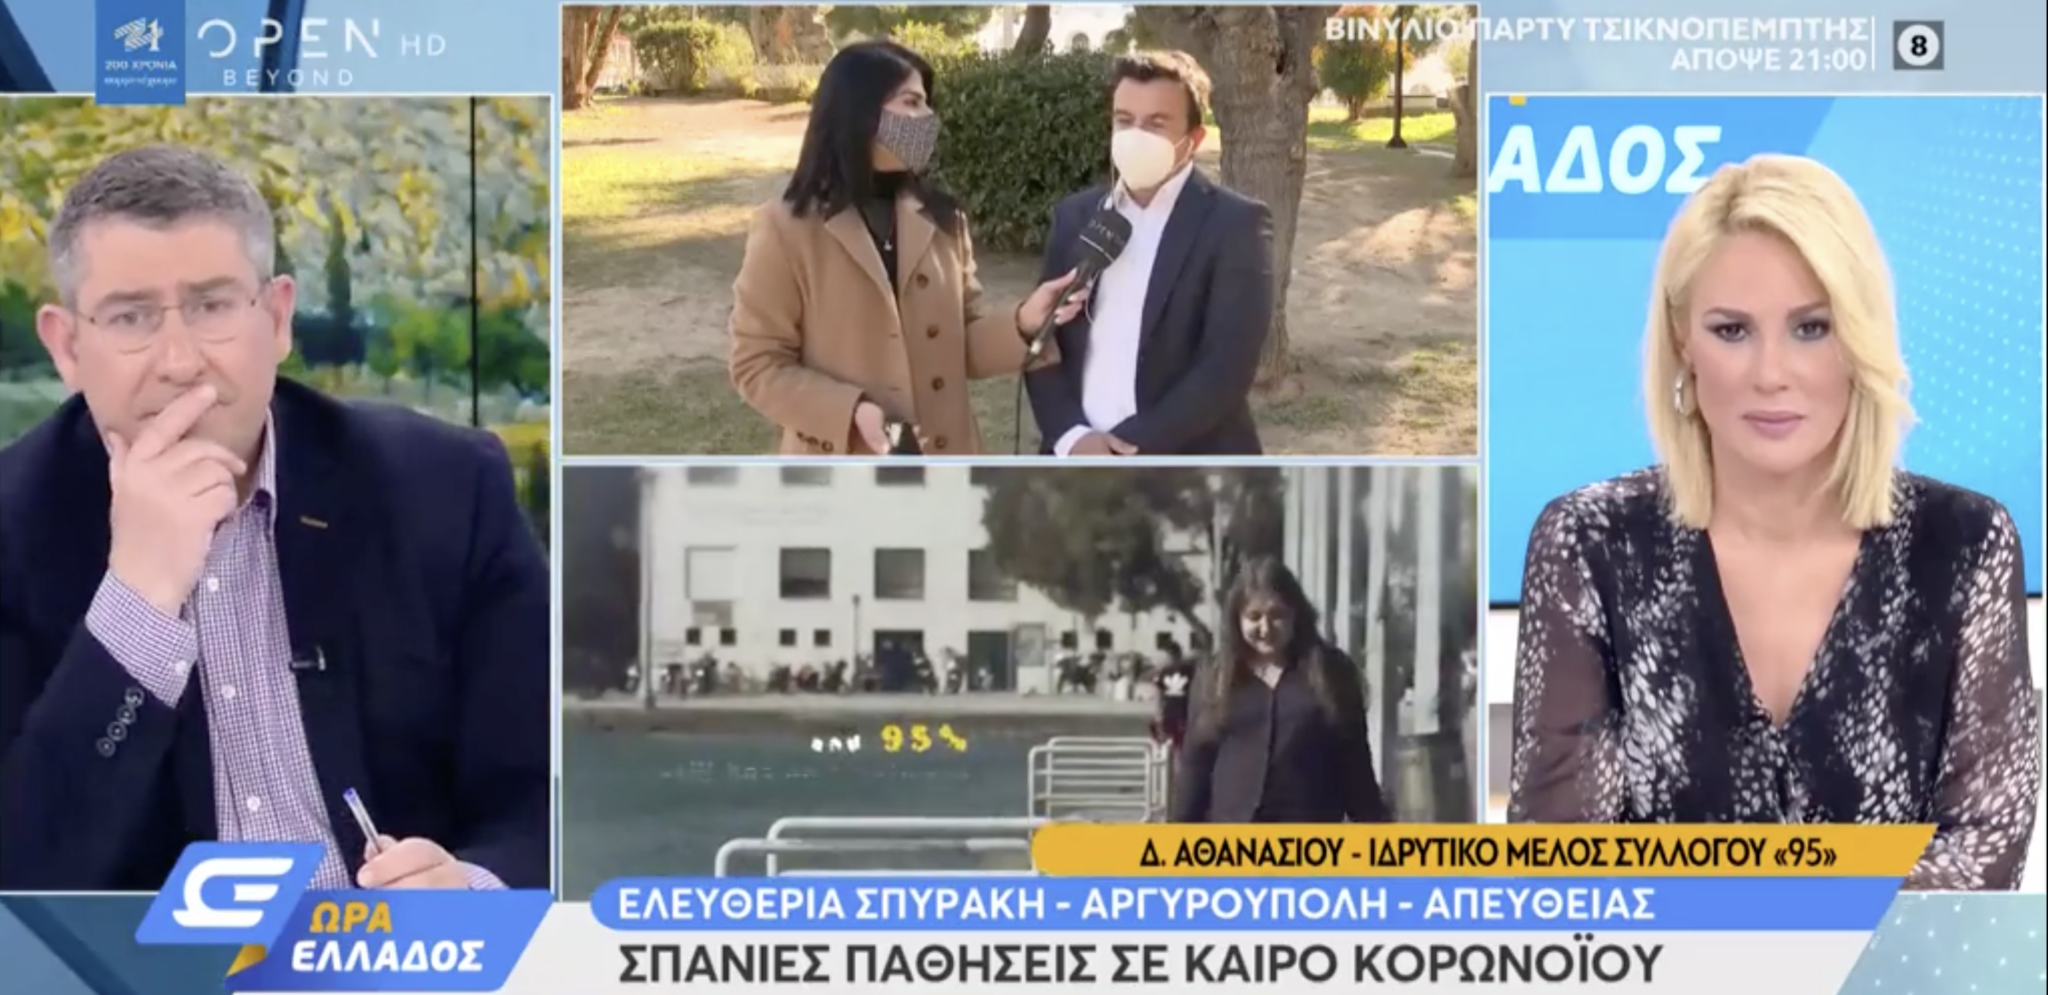 Συνέντευξη από την 95, Ελληνική Συμμαχία για τους Σπάνιους Ασθενείς